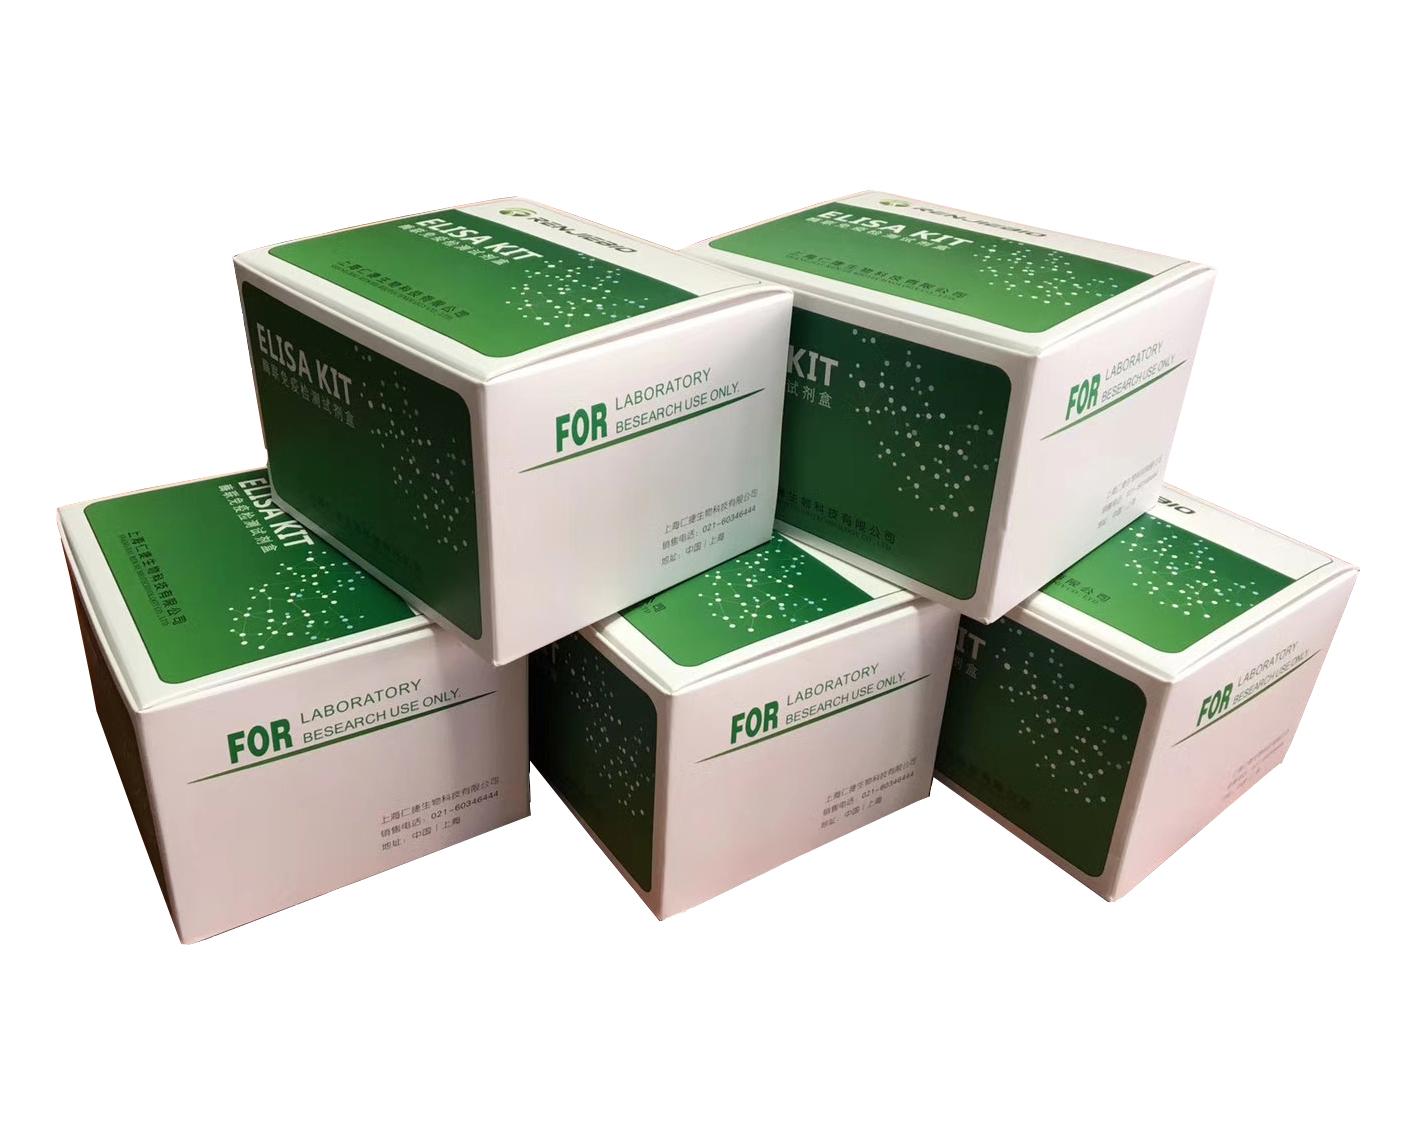 小鼠空腹胰岛素(FINS)ELISA试剂盒